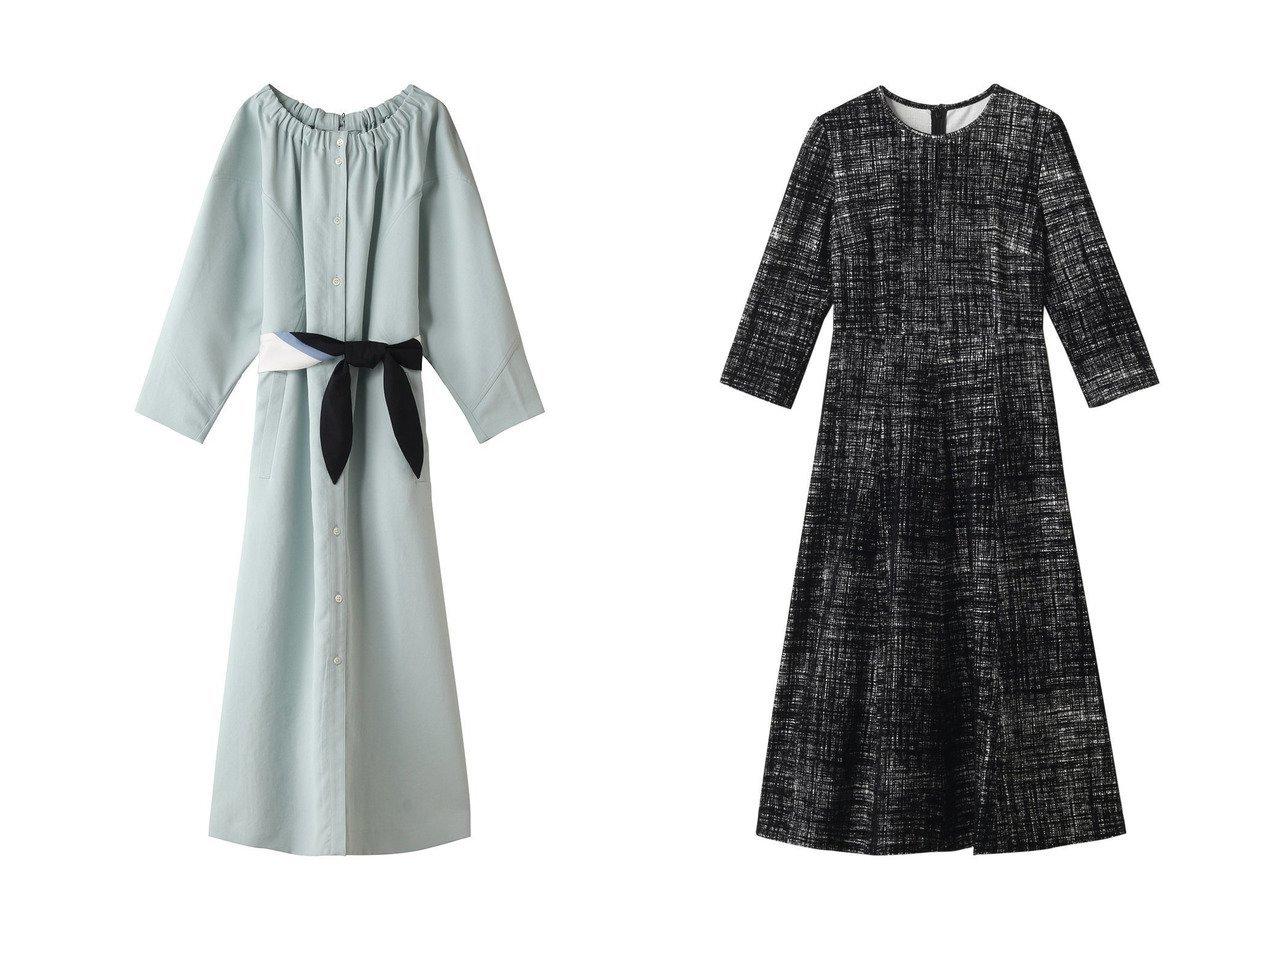 【AKIRANAKA/アキラナカ】のBodil ギャザーボートネックドレス&【ANAYI/アナイ】のフロッキーチェックフレアワンピース ワンピース・ドレスのおすすめ!人気、レディースファッションの通販  おすすめで人気のファッション通販商品 インテリア・家具・キッズファッション・メンズファッション・レディースファッション・服の通販 founy(ファニー) https://founy.com/ ファッション Fashion レディース WOMEN ワンピース Dress ドレス Party Dresses ギャザー スカーフ リボン ロング チェック ツイード フレア  ID:crp329100000004263